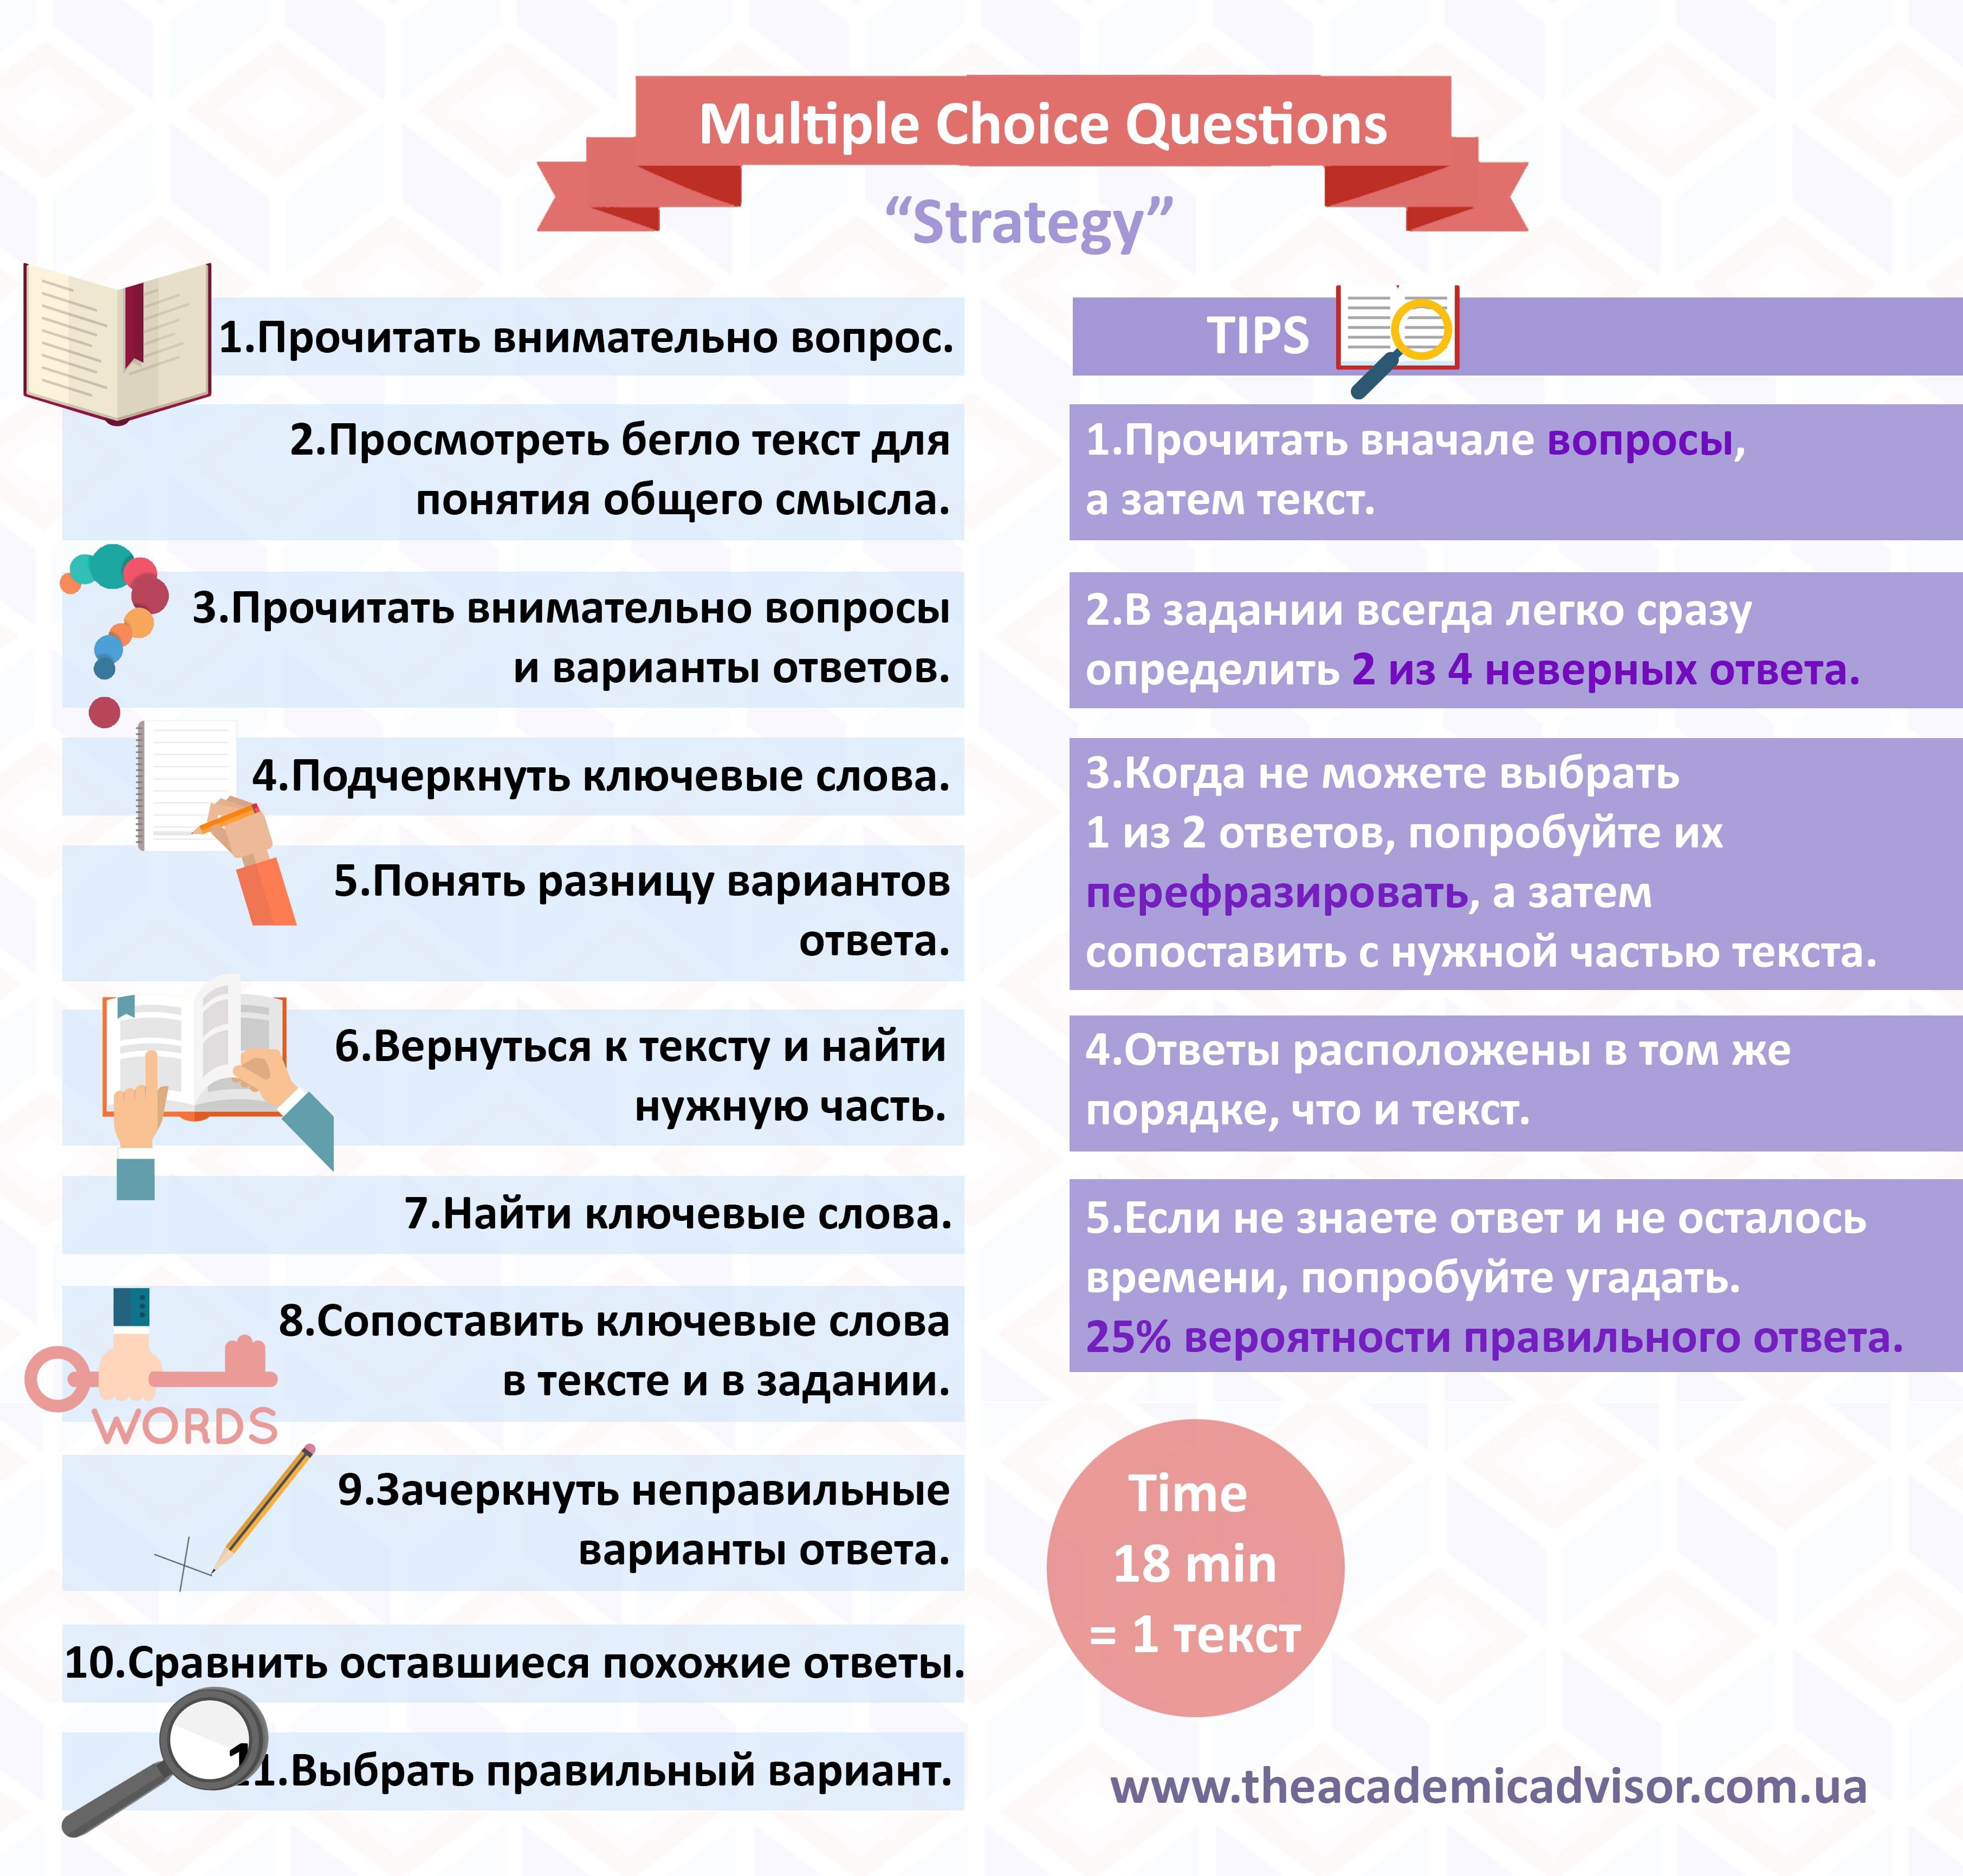 Стратегия и советы по заданию Multiple Choice Questions - IELTS Reading